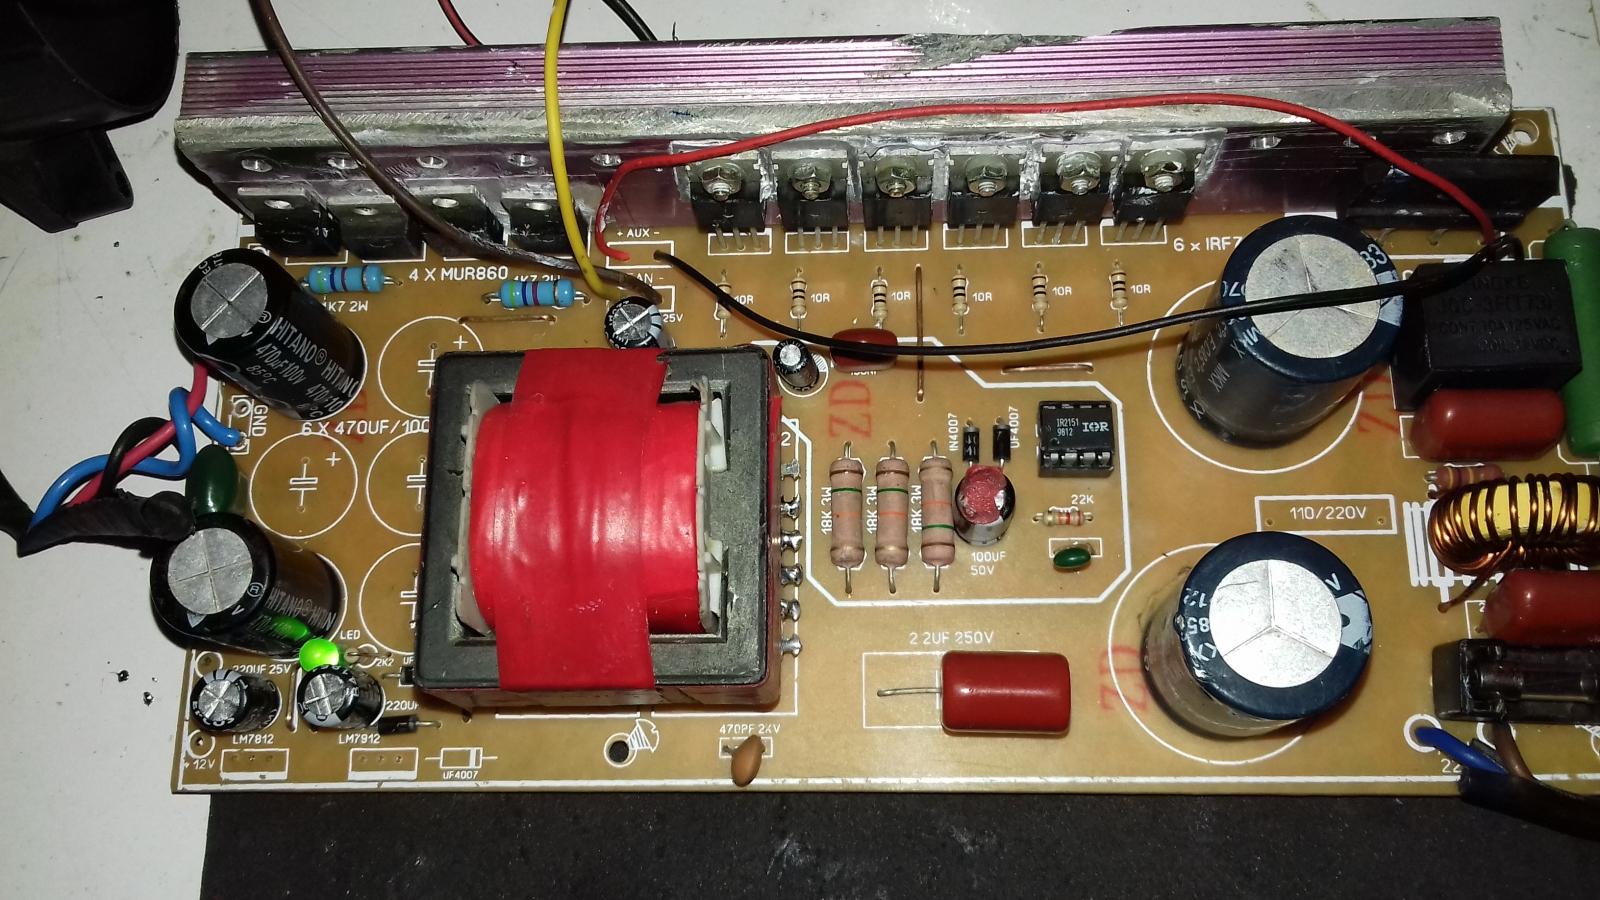 FONTE FUNCIONANDO 110 OU 220V COM 2 MODELOS IR2151 2153 Rkne5s